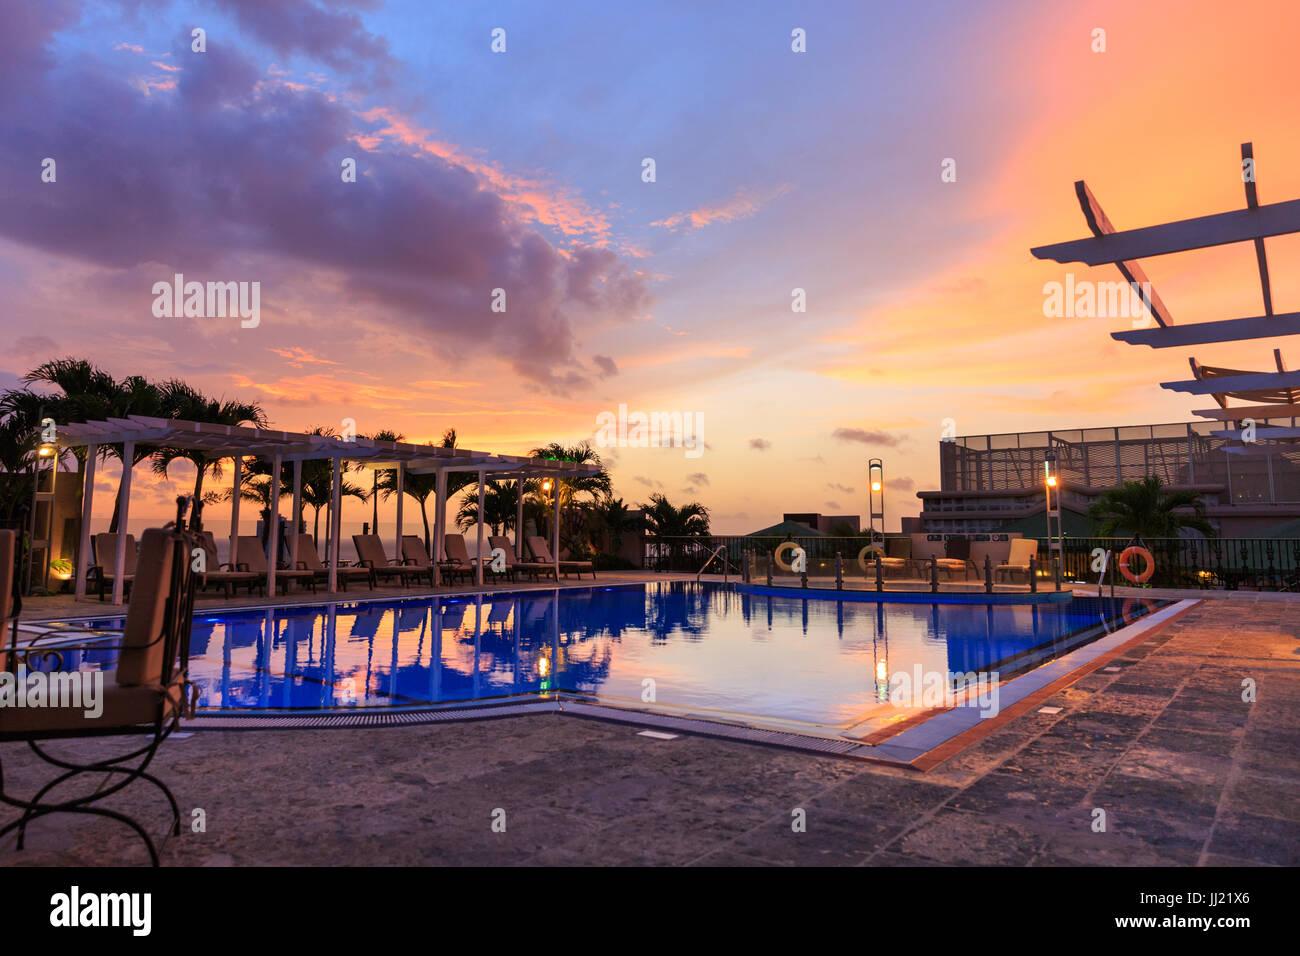 Sonnenuntergang am Pool auf der Dachterrasse des Hotel Parque Central in Havanna, Kuba Stockbild